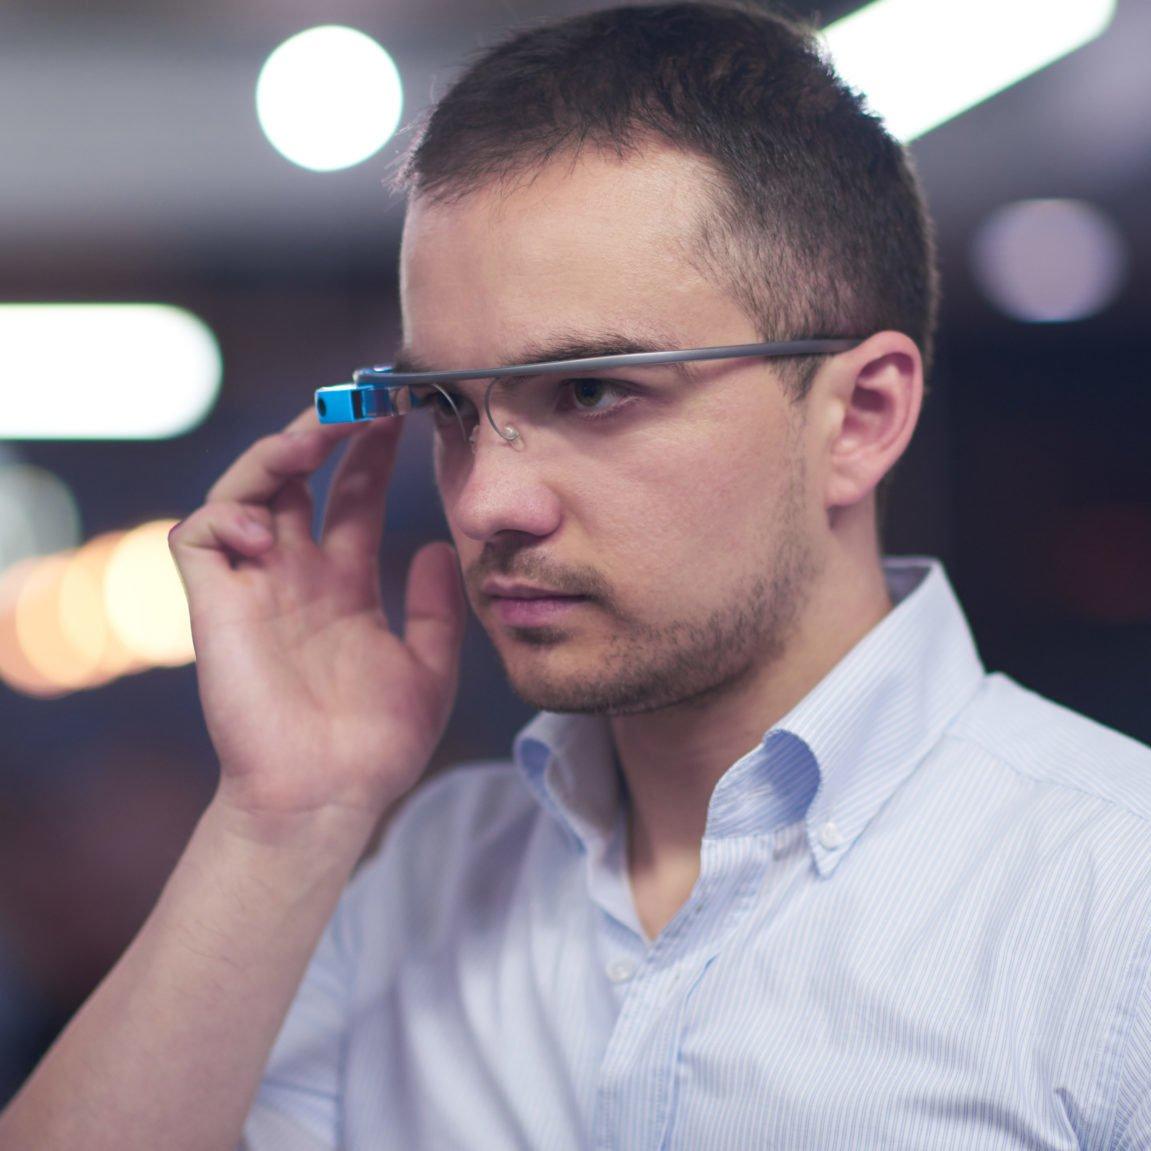 [:pl]ExpertAR - Rozszerzona rzeczywistość w magazynie[:]